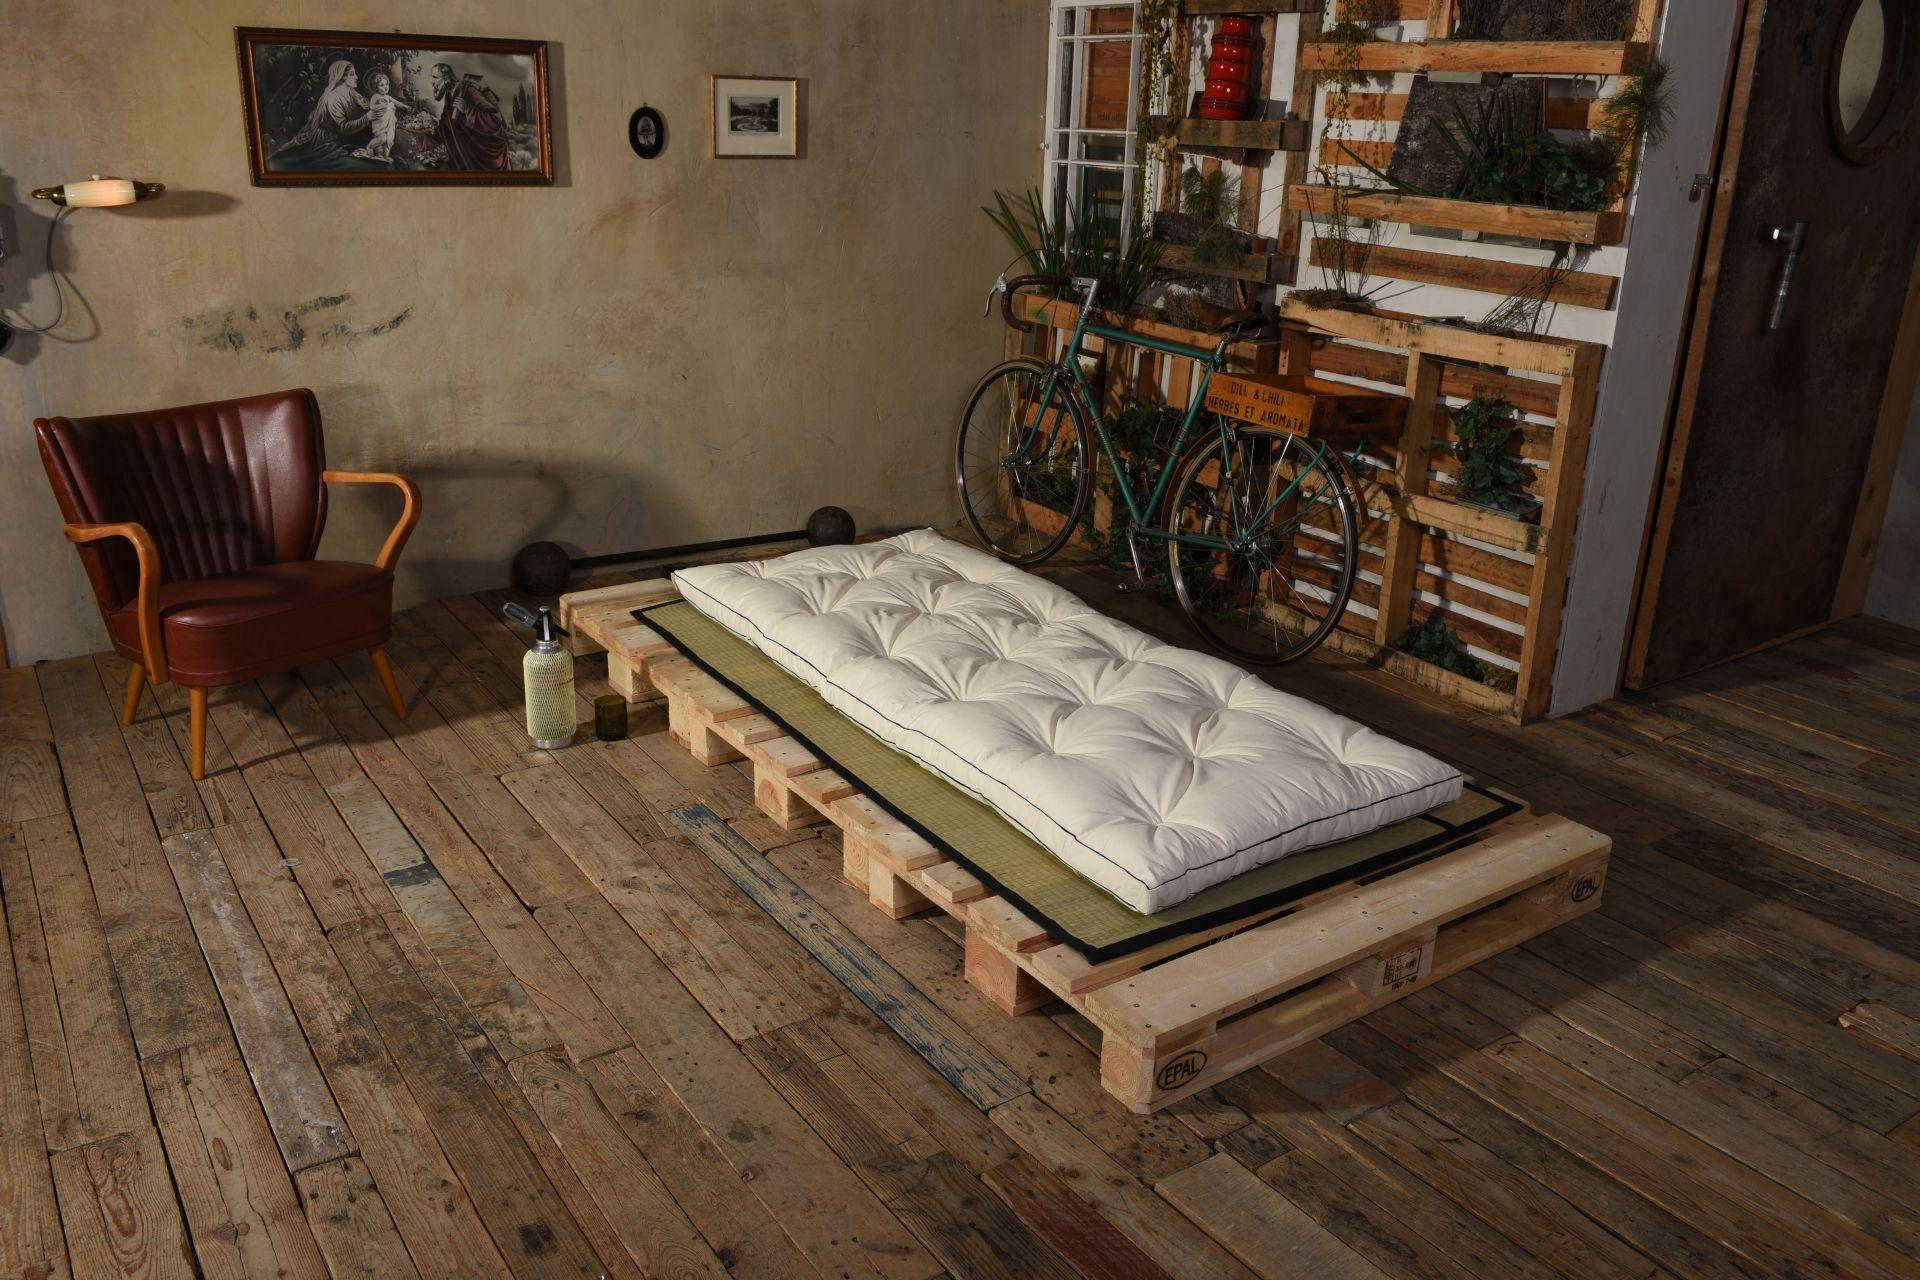 shiatsu futon matte mit baumwolle zum rollen massagematte shiatsu matte rollbar massage. Black Bedroom Furniture Sets. Home Design Ideas